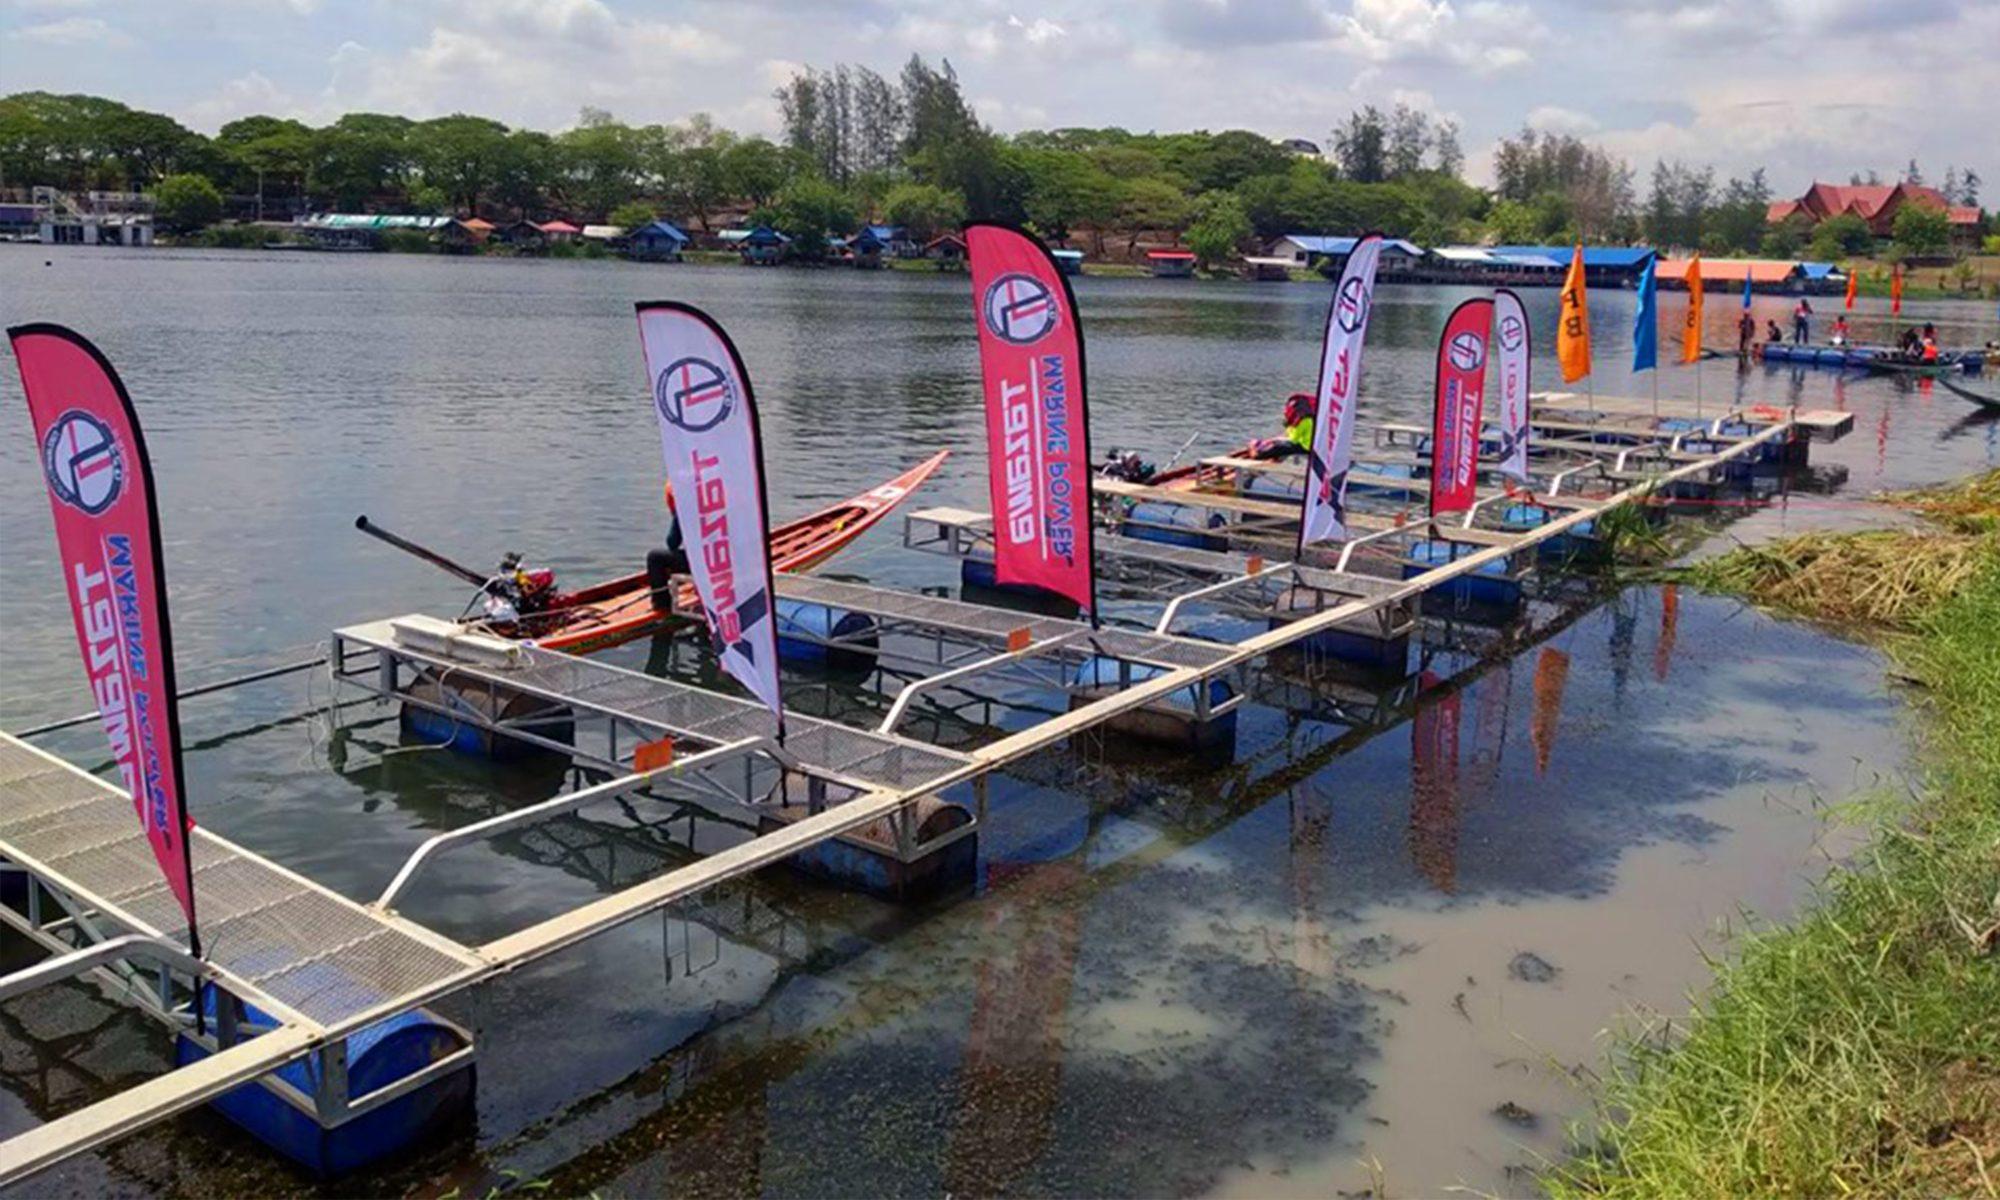 สมาคมกีฬาเรือเร็วแห่งประเทศไทย